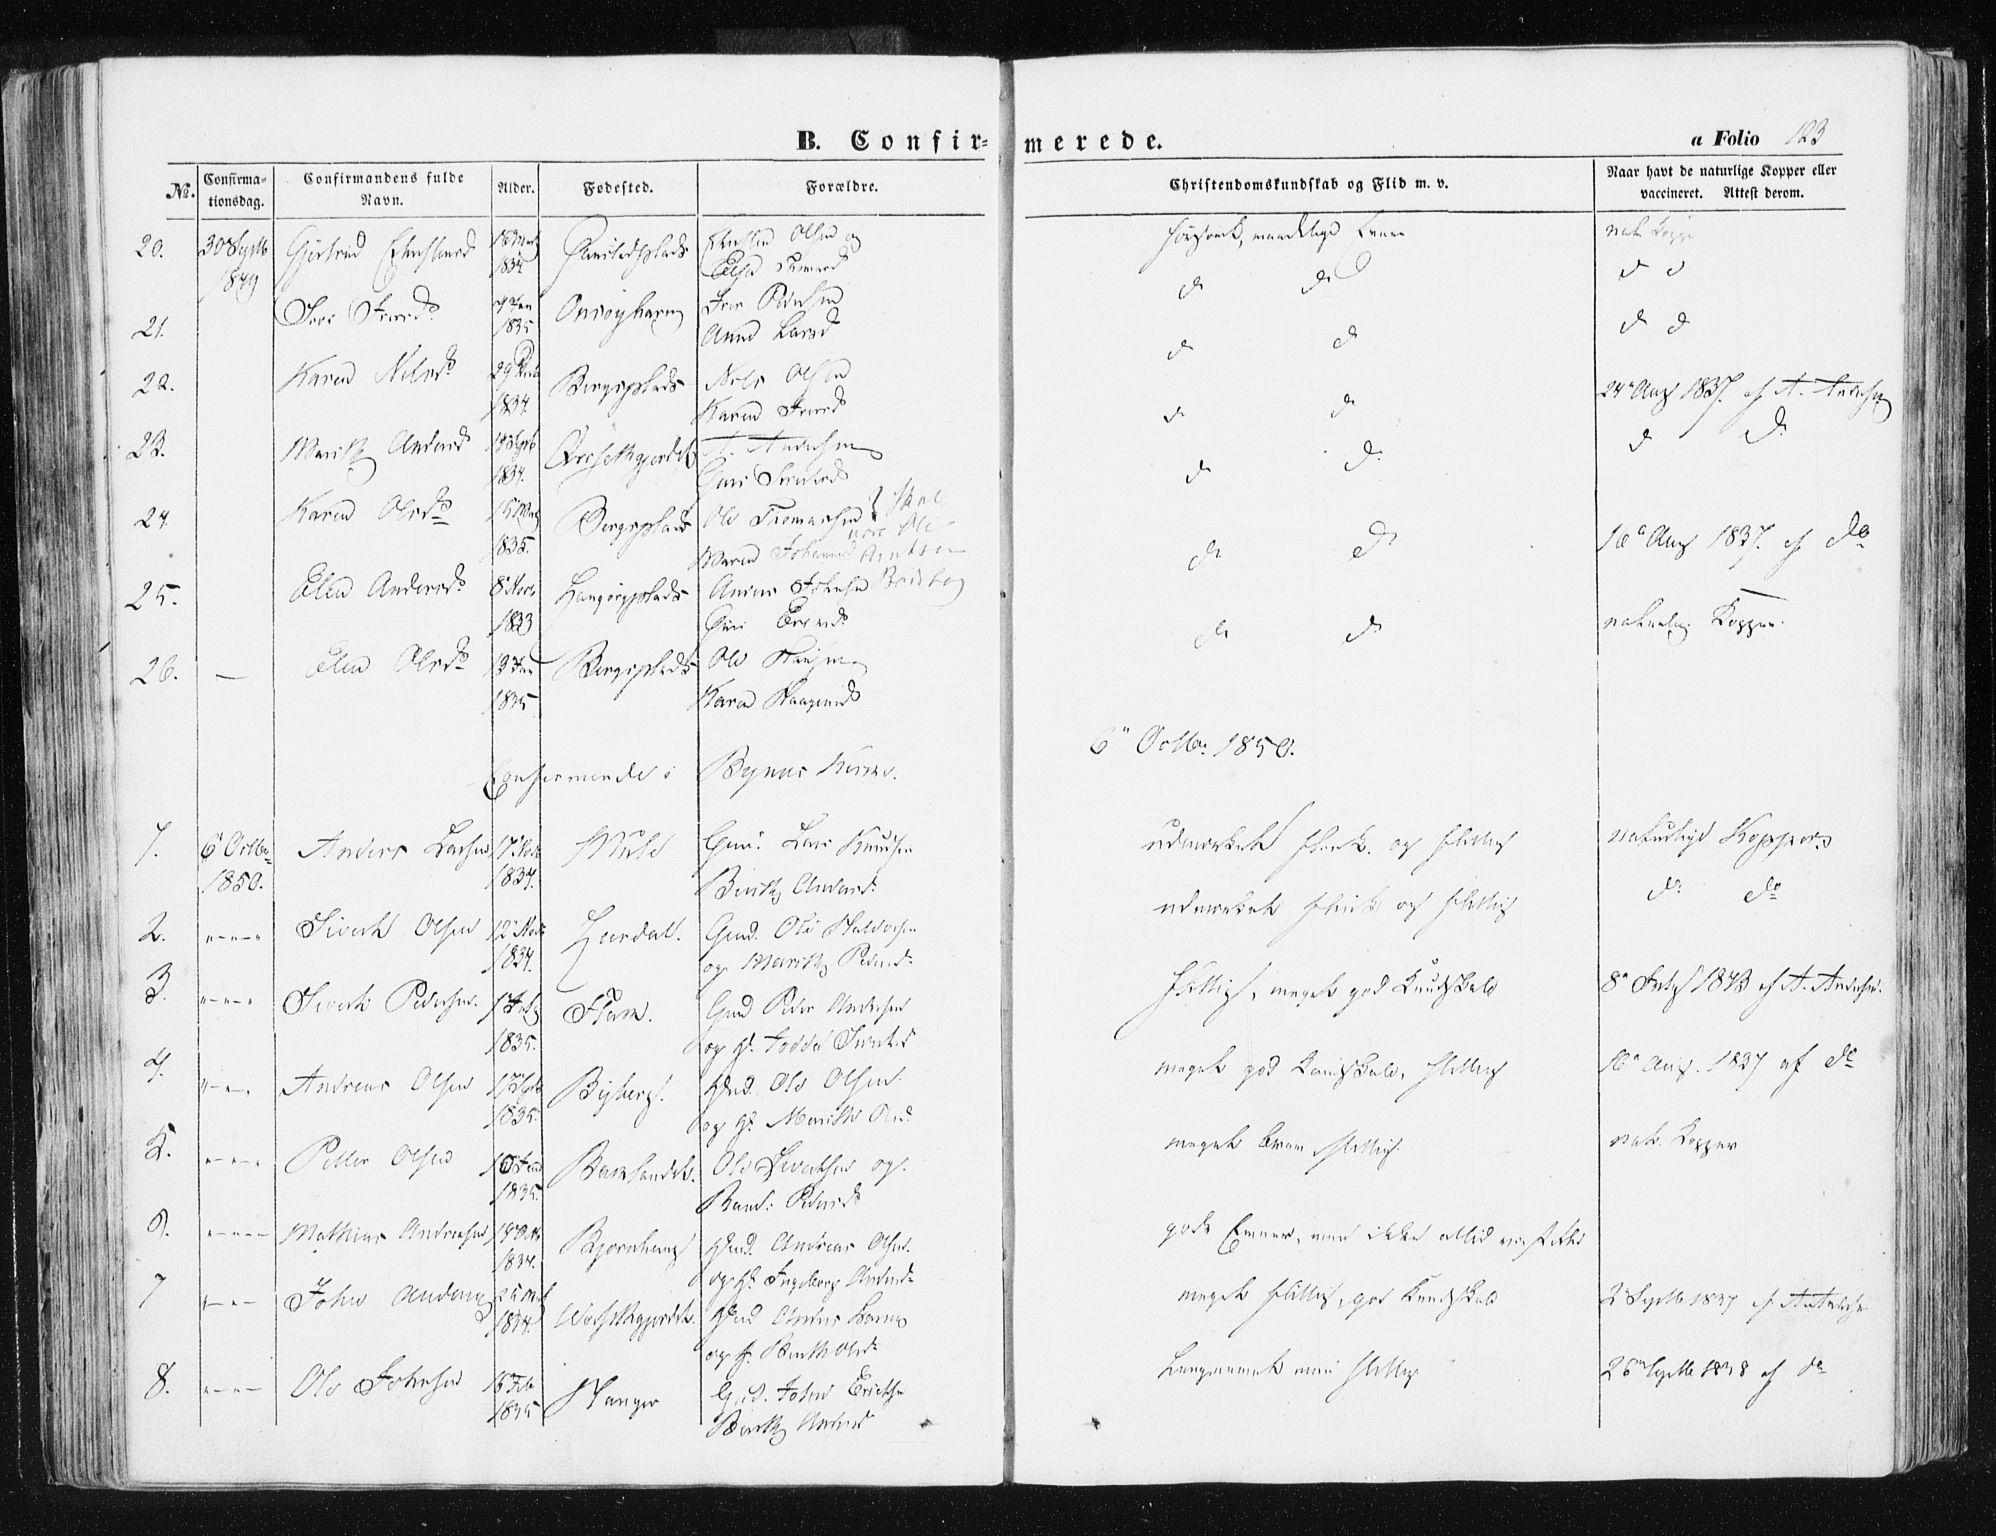 SAT, Ministerialprotokoller, klokkerbøker og fødselsregistre - Sør-Trøndelag, 612/L0376: Ministerialbok nr. 612A08, 1846-1859, s. 123